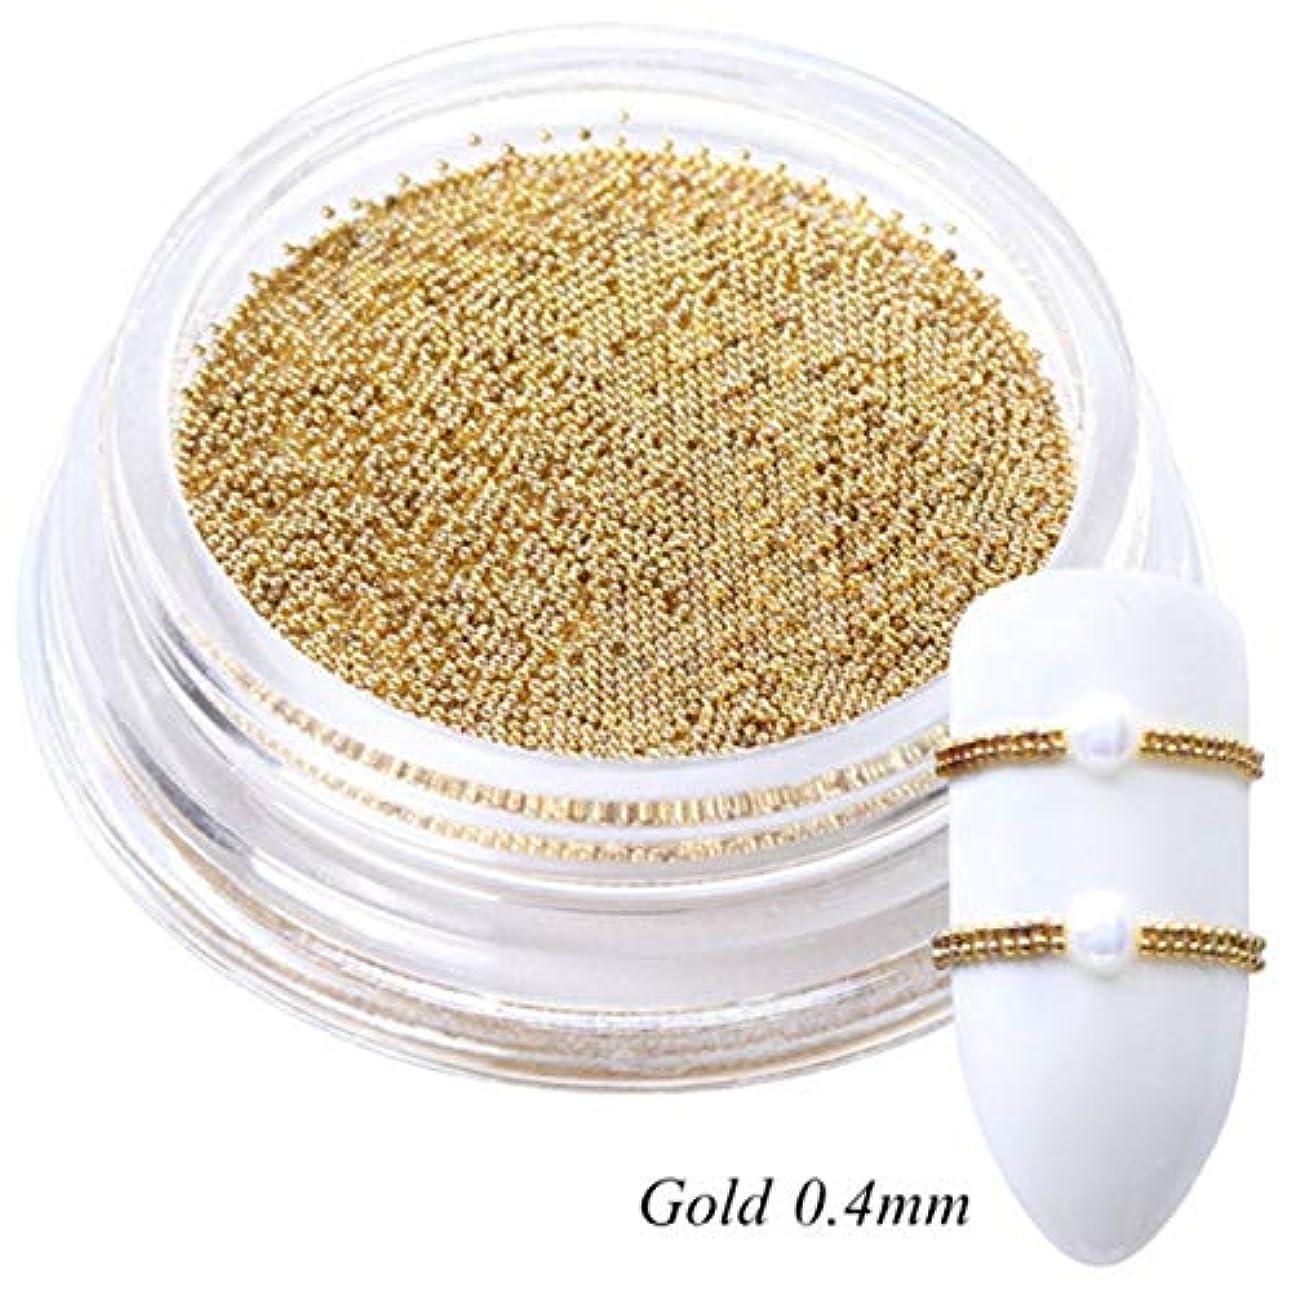 オデュッセウスセンサー環境に優しいQuzama-JS 特別な12 G 0.4 mmネイルアート金属ミニキャビアビーズ3 Dチャームラインストーンマイクロビーズ装飾(None 0.4 mm Pearl gold(white bottle) 12g)